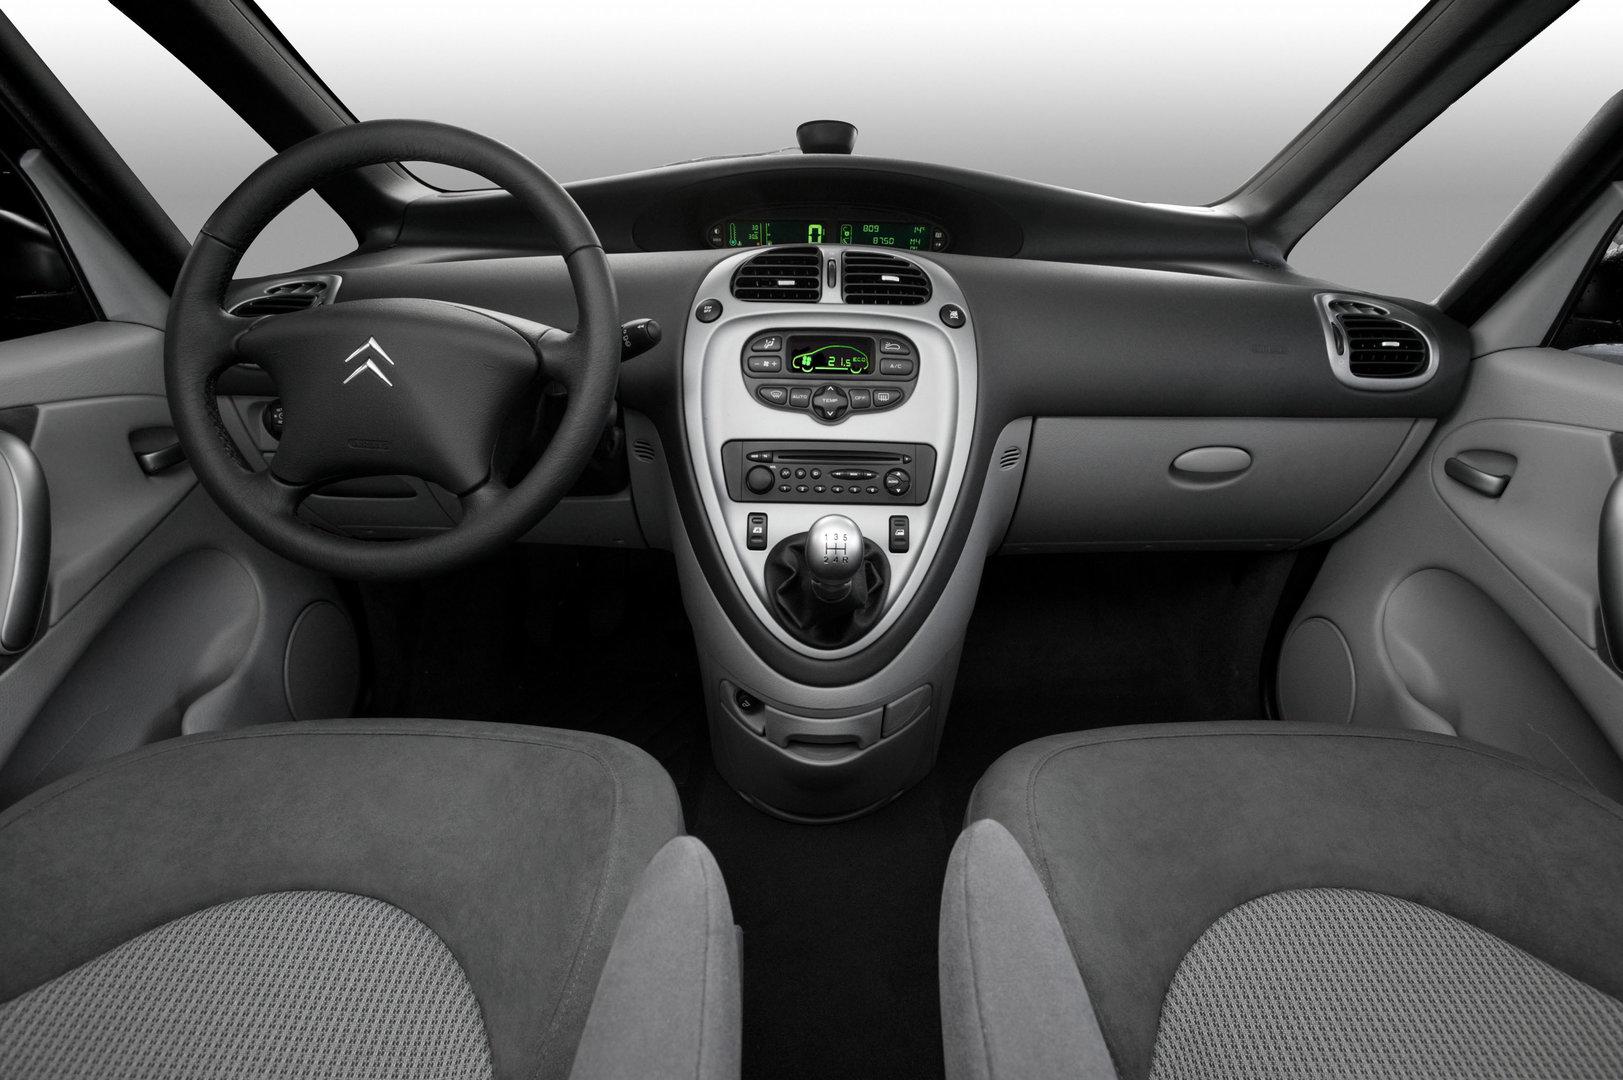 Citroën Xsara Picasso interior